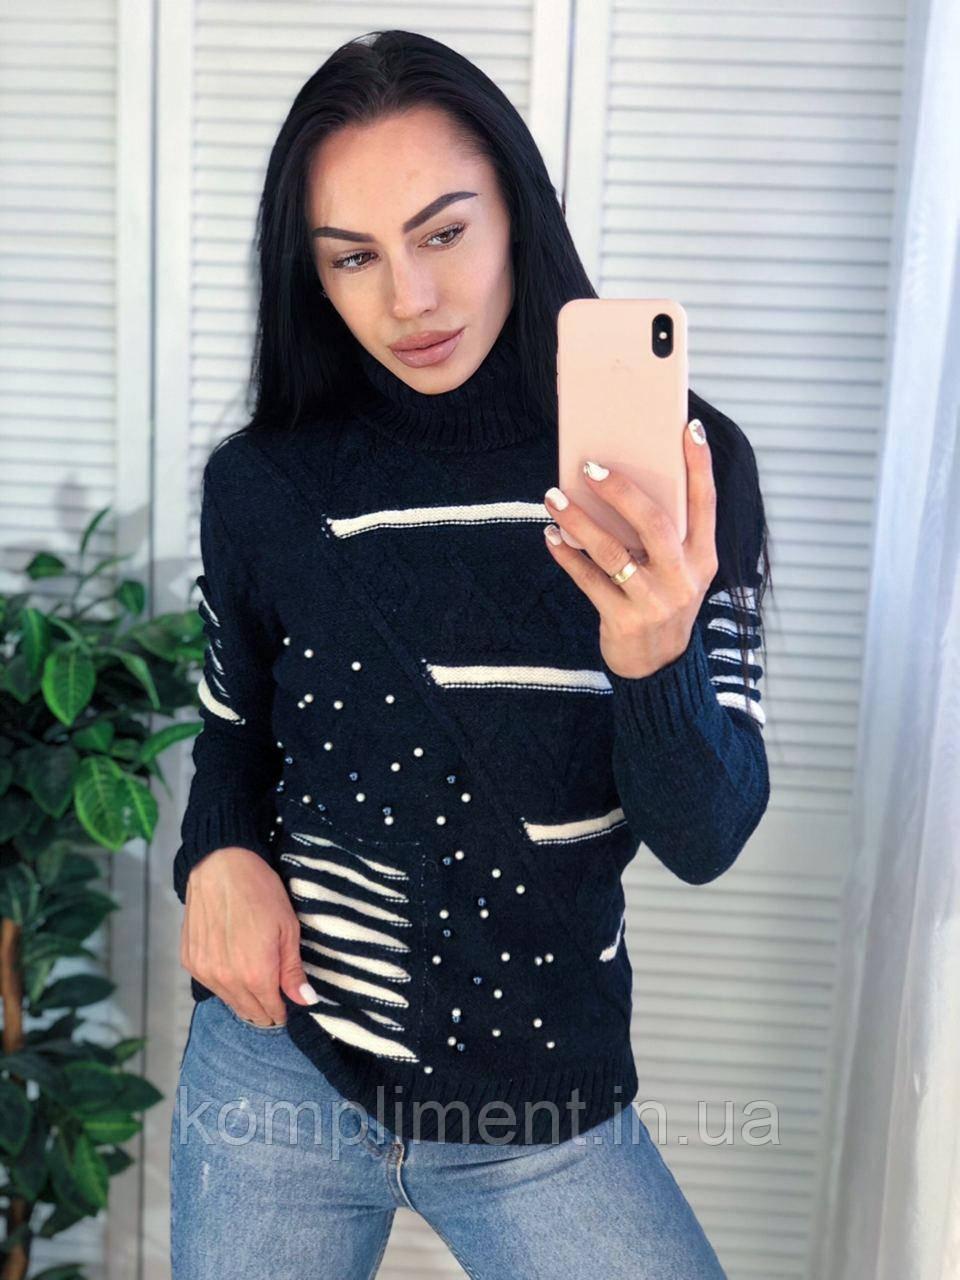 Модний светр жіночий вовняної з горлом,синій.Виробництво Туреччина.NВ 2403